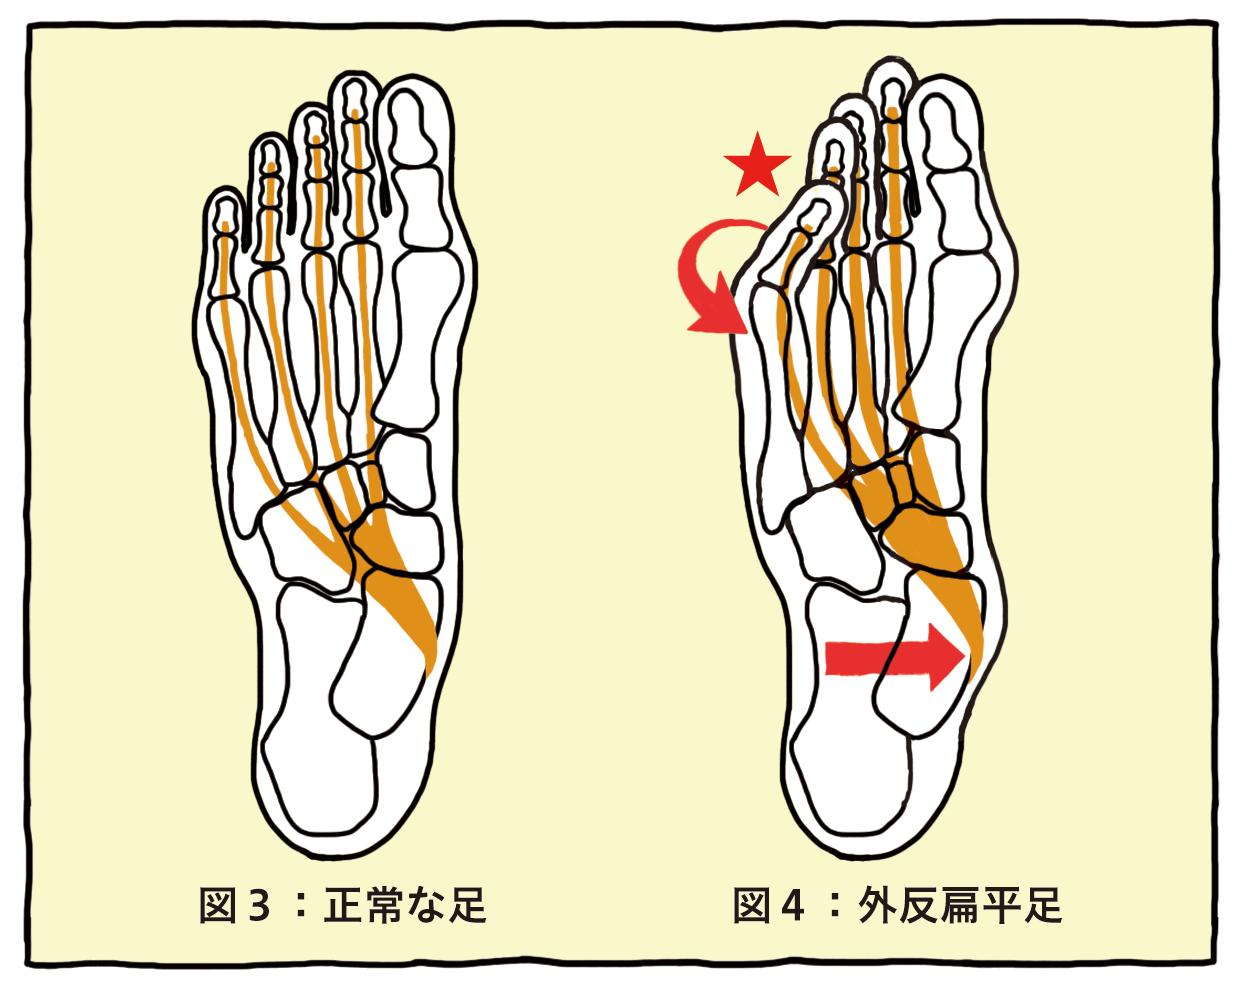 図3:正常な足 図4:外反扁平足